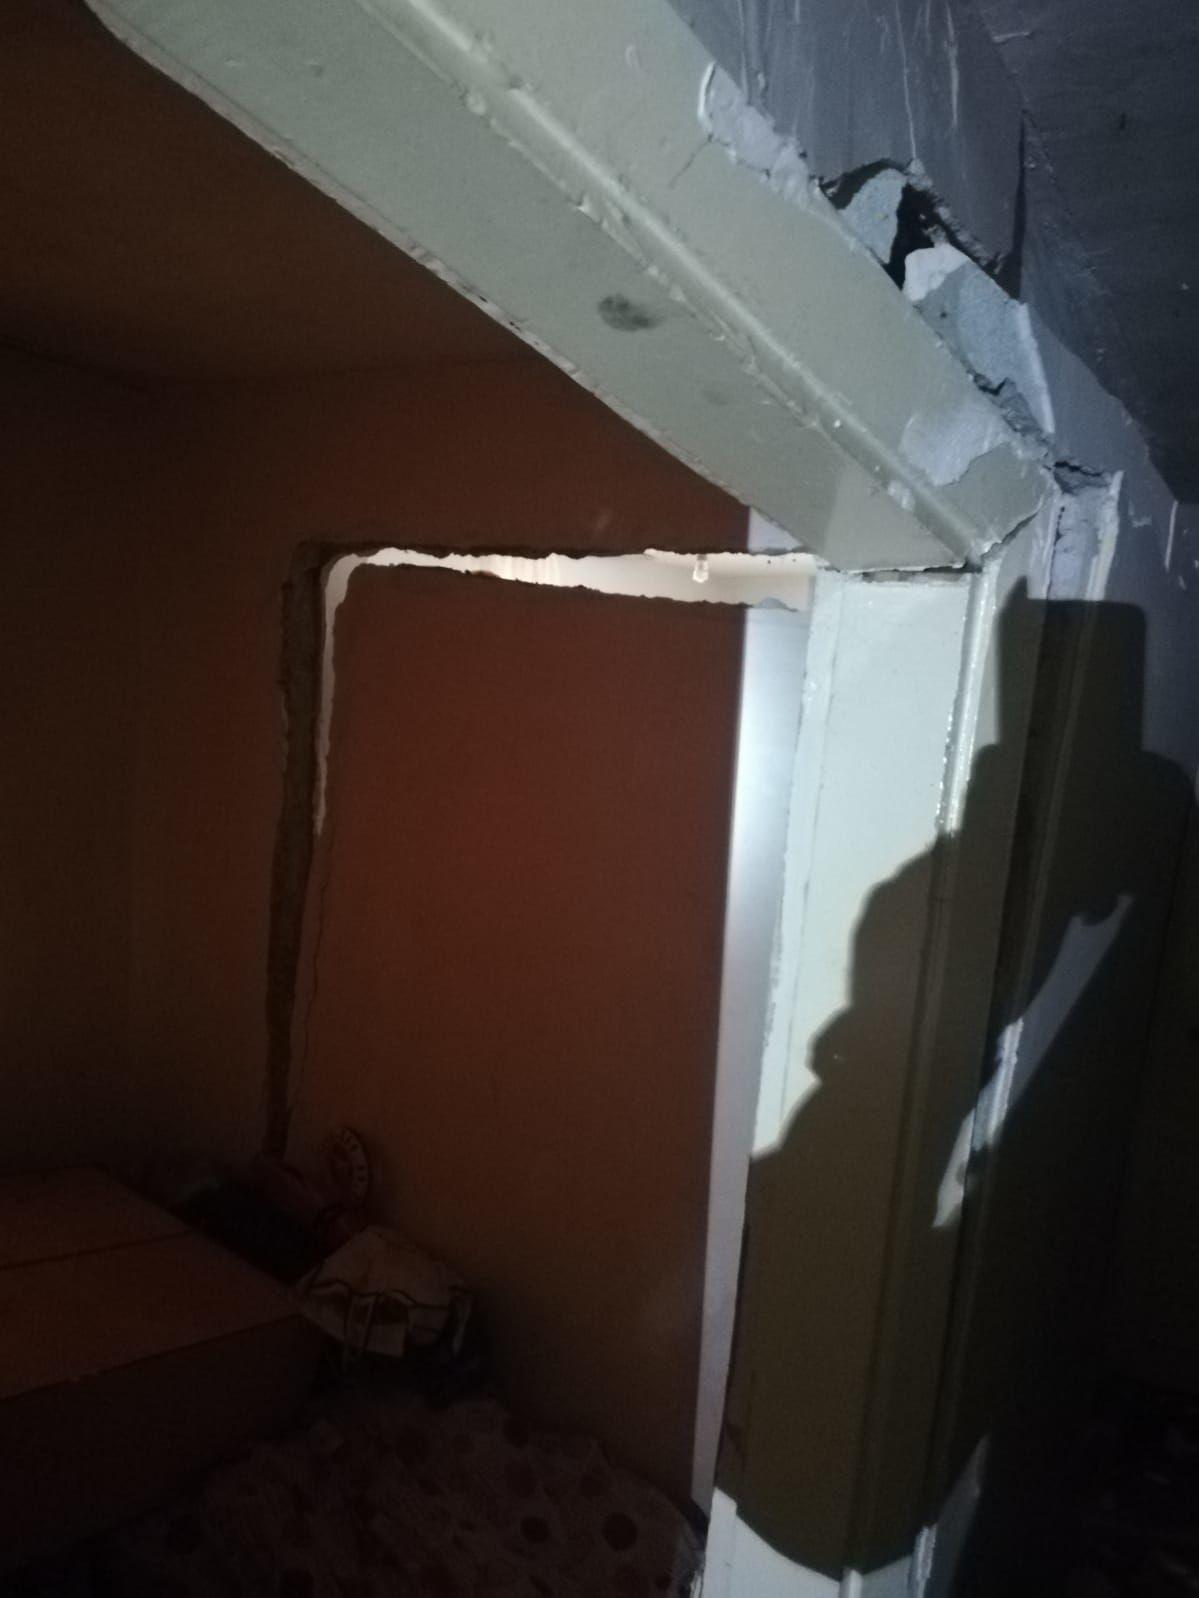 Evin giriş katının iç duvarında su sızıntısı nedeniyle çökme meydana geldi.